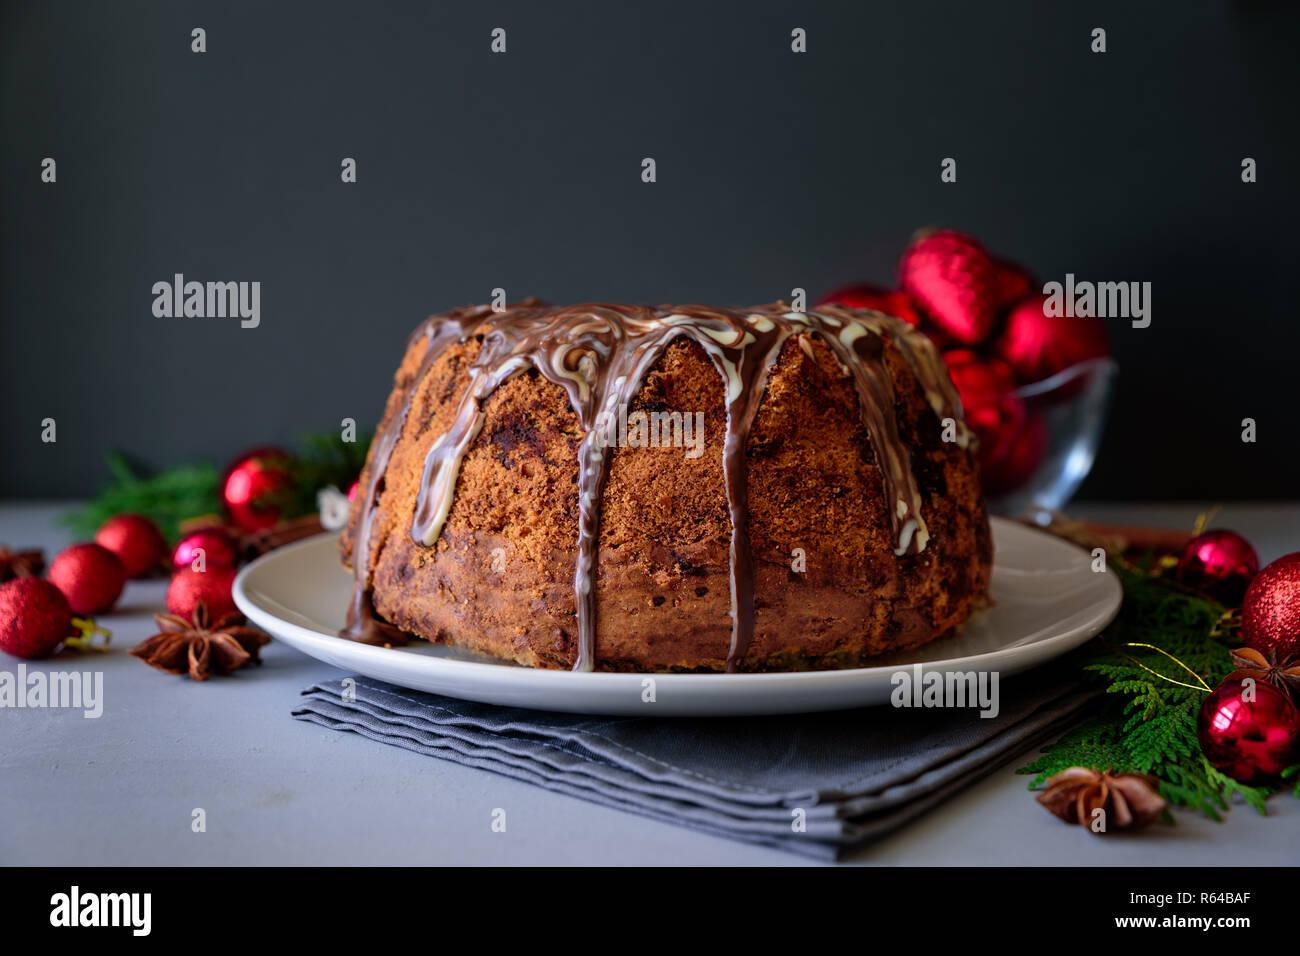 Weihnachten Kuchen mit Schokoladenglasur auf grau Holz- Hintergrund. Urlaub Dekorationen Konzept. Ansicht von oben. Flach. Platz kopieren Stockbild